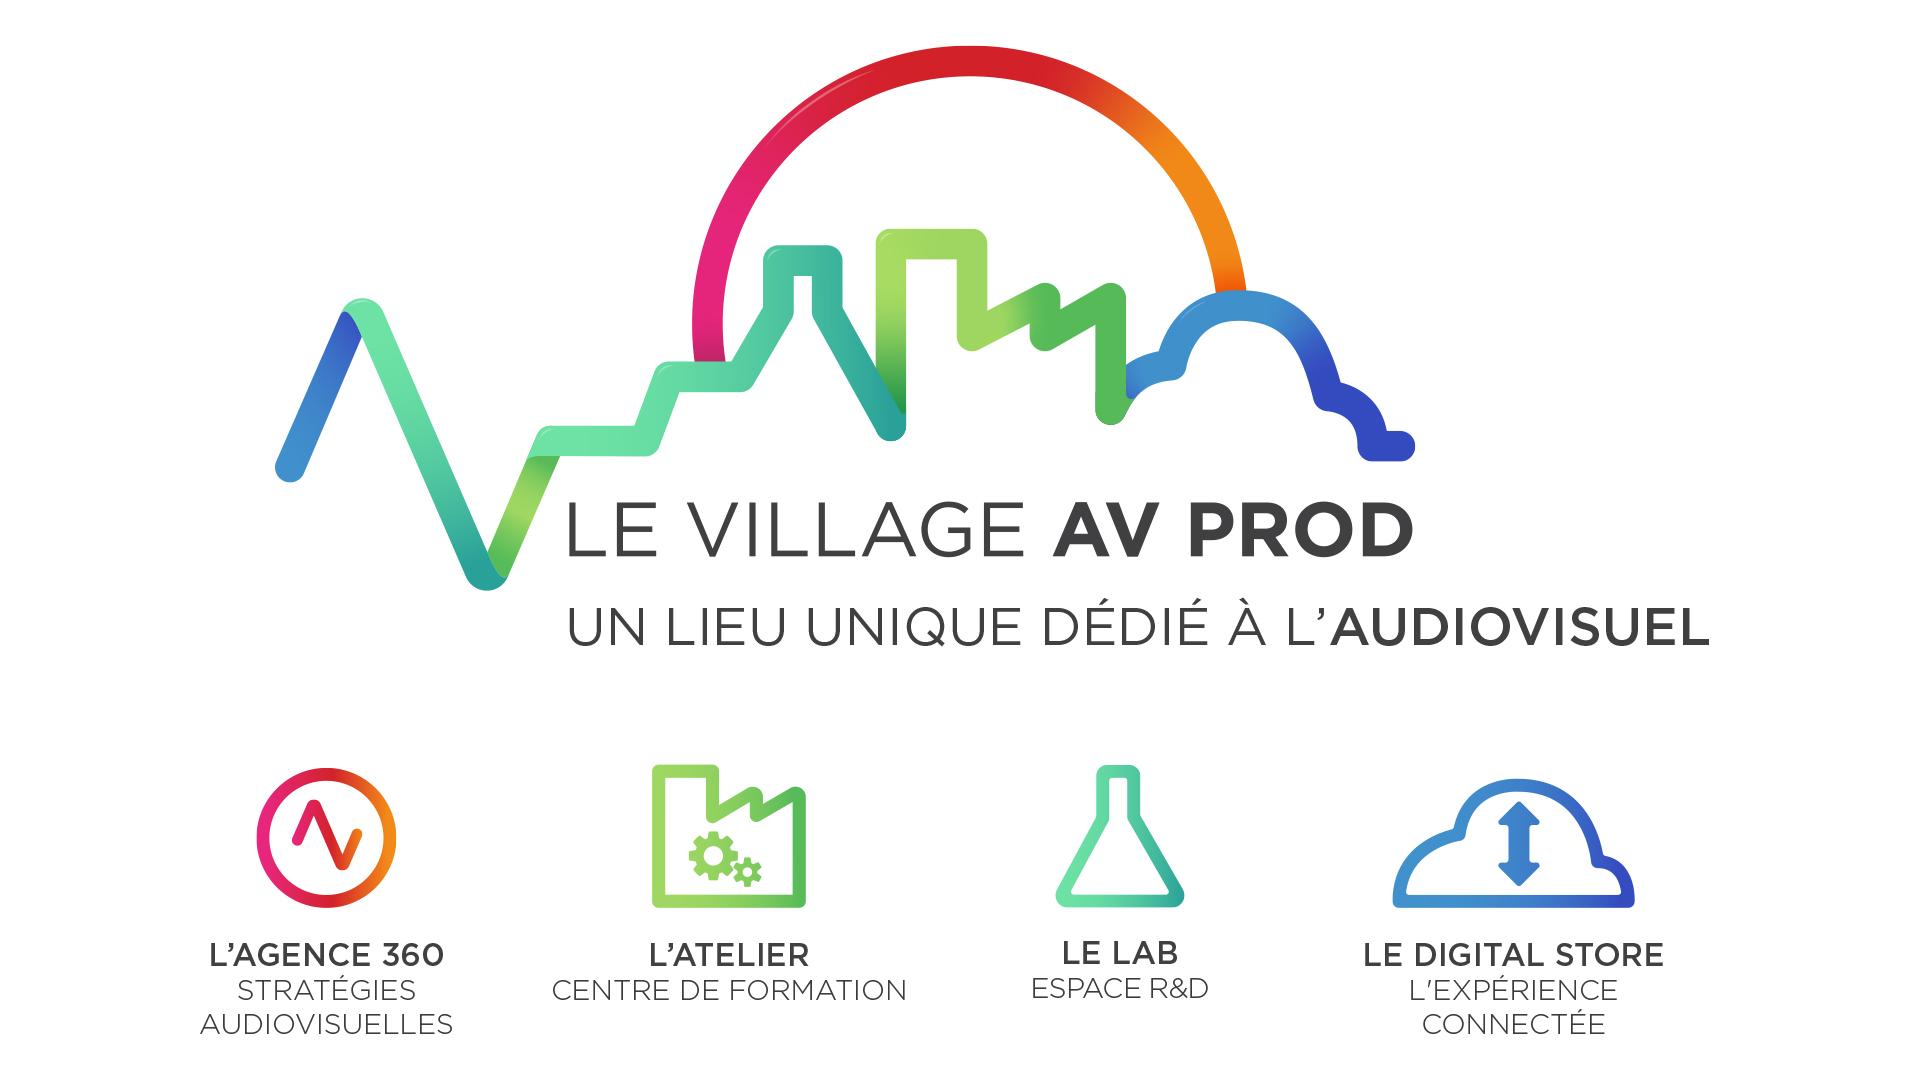 Découvrez le Village AV Prod en vidéo !